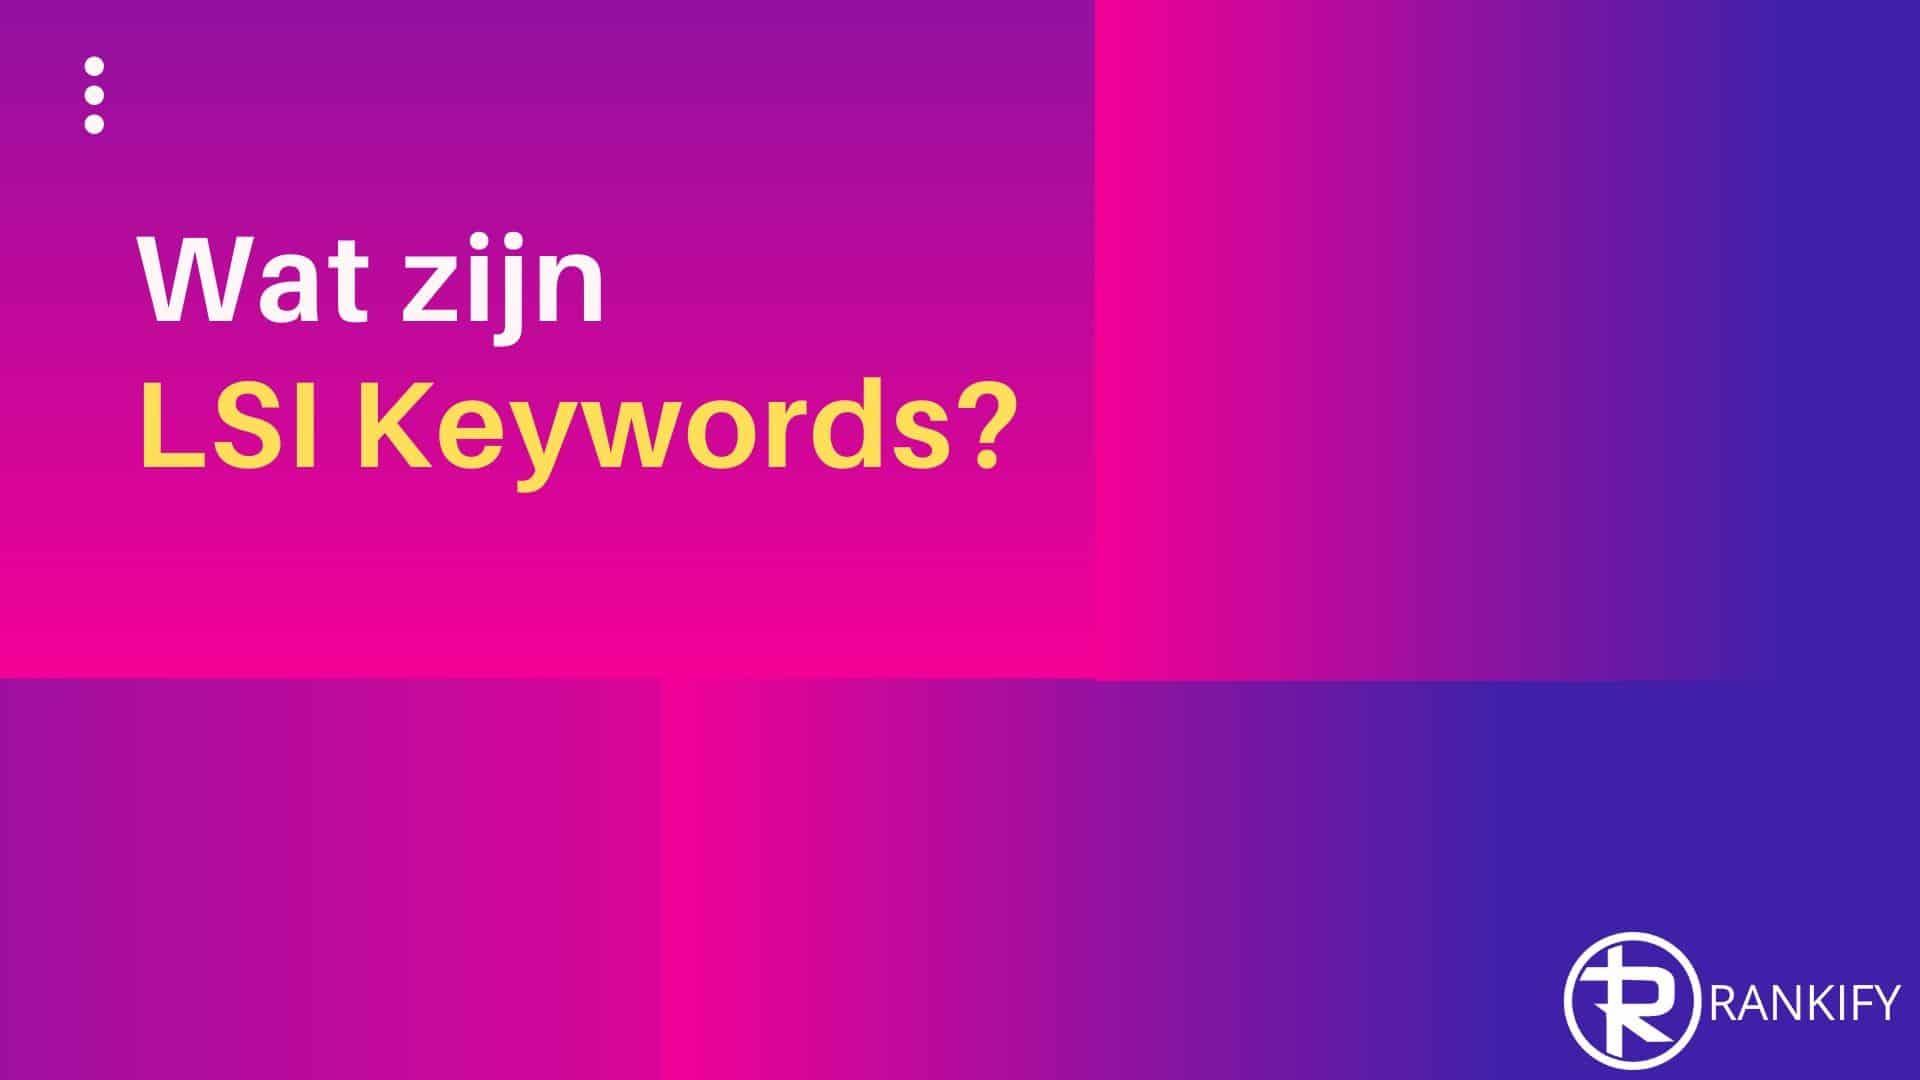 wat zijn LSI keywords